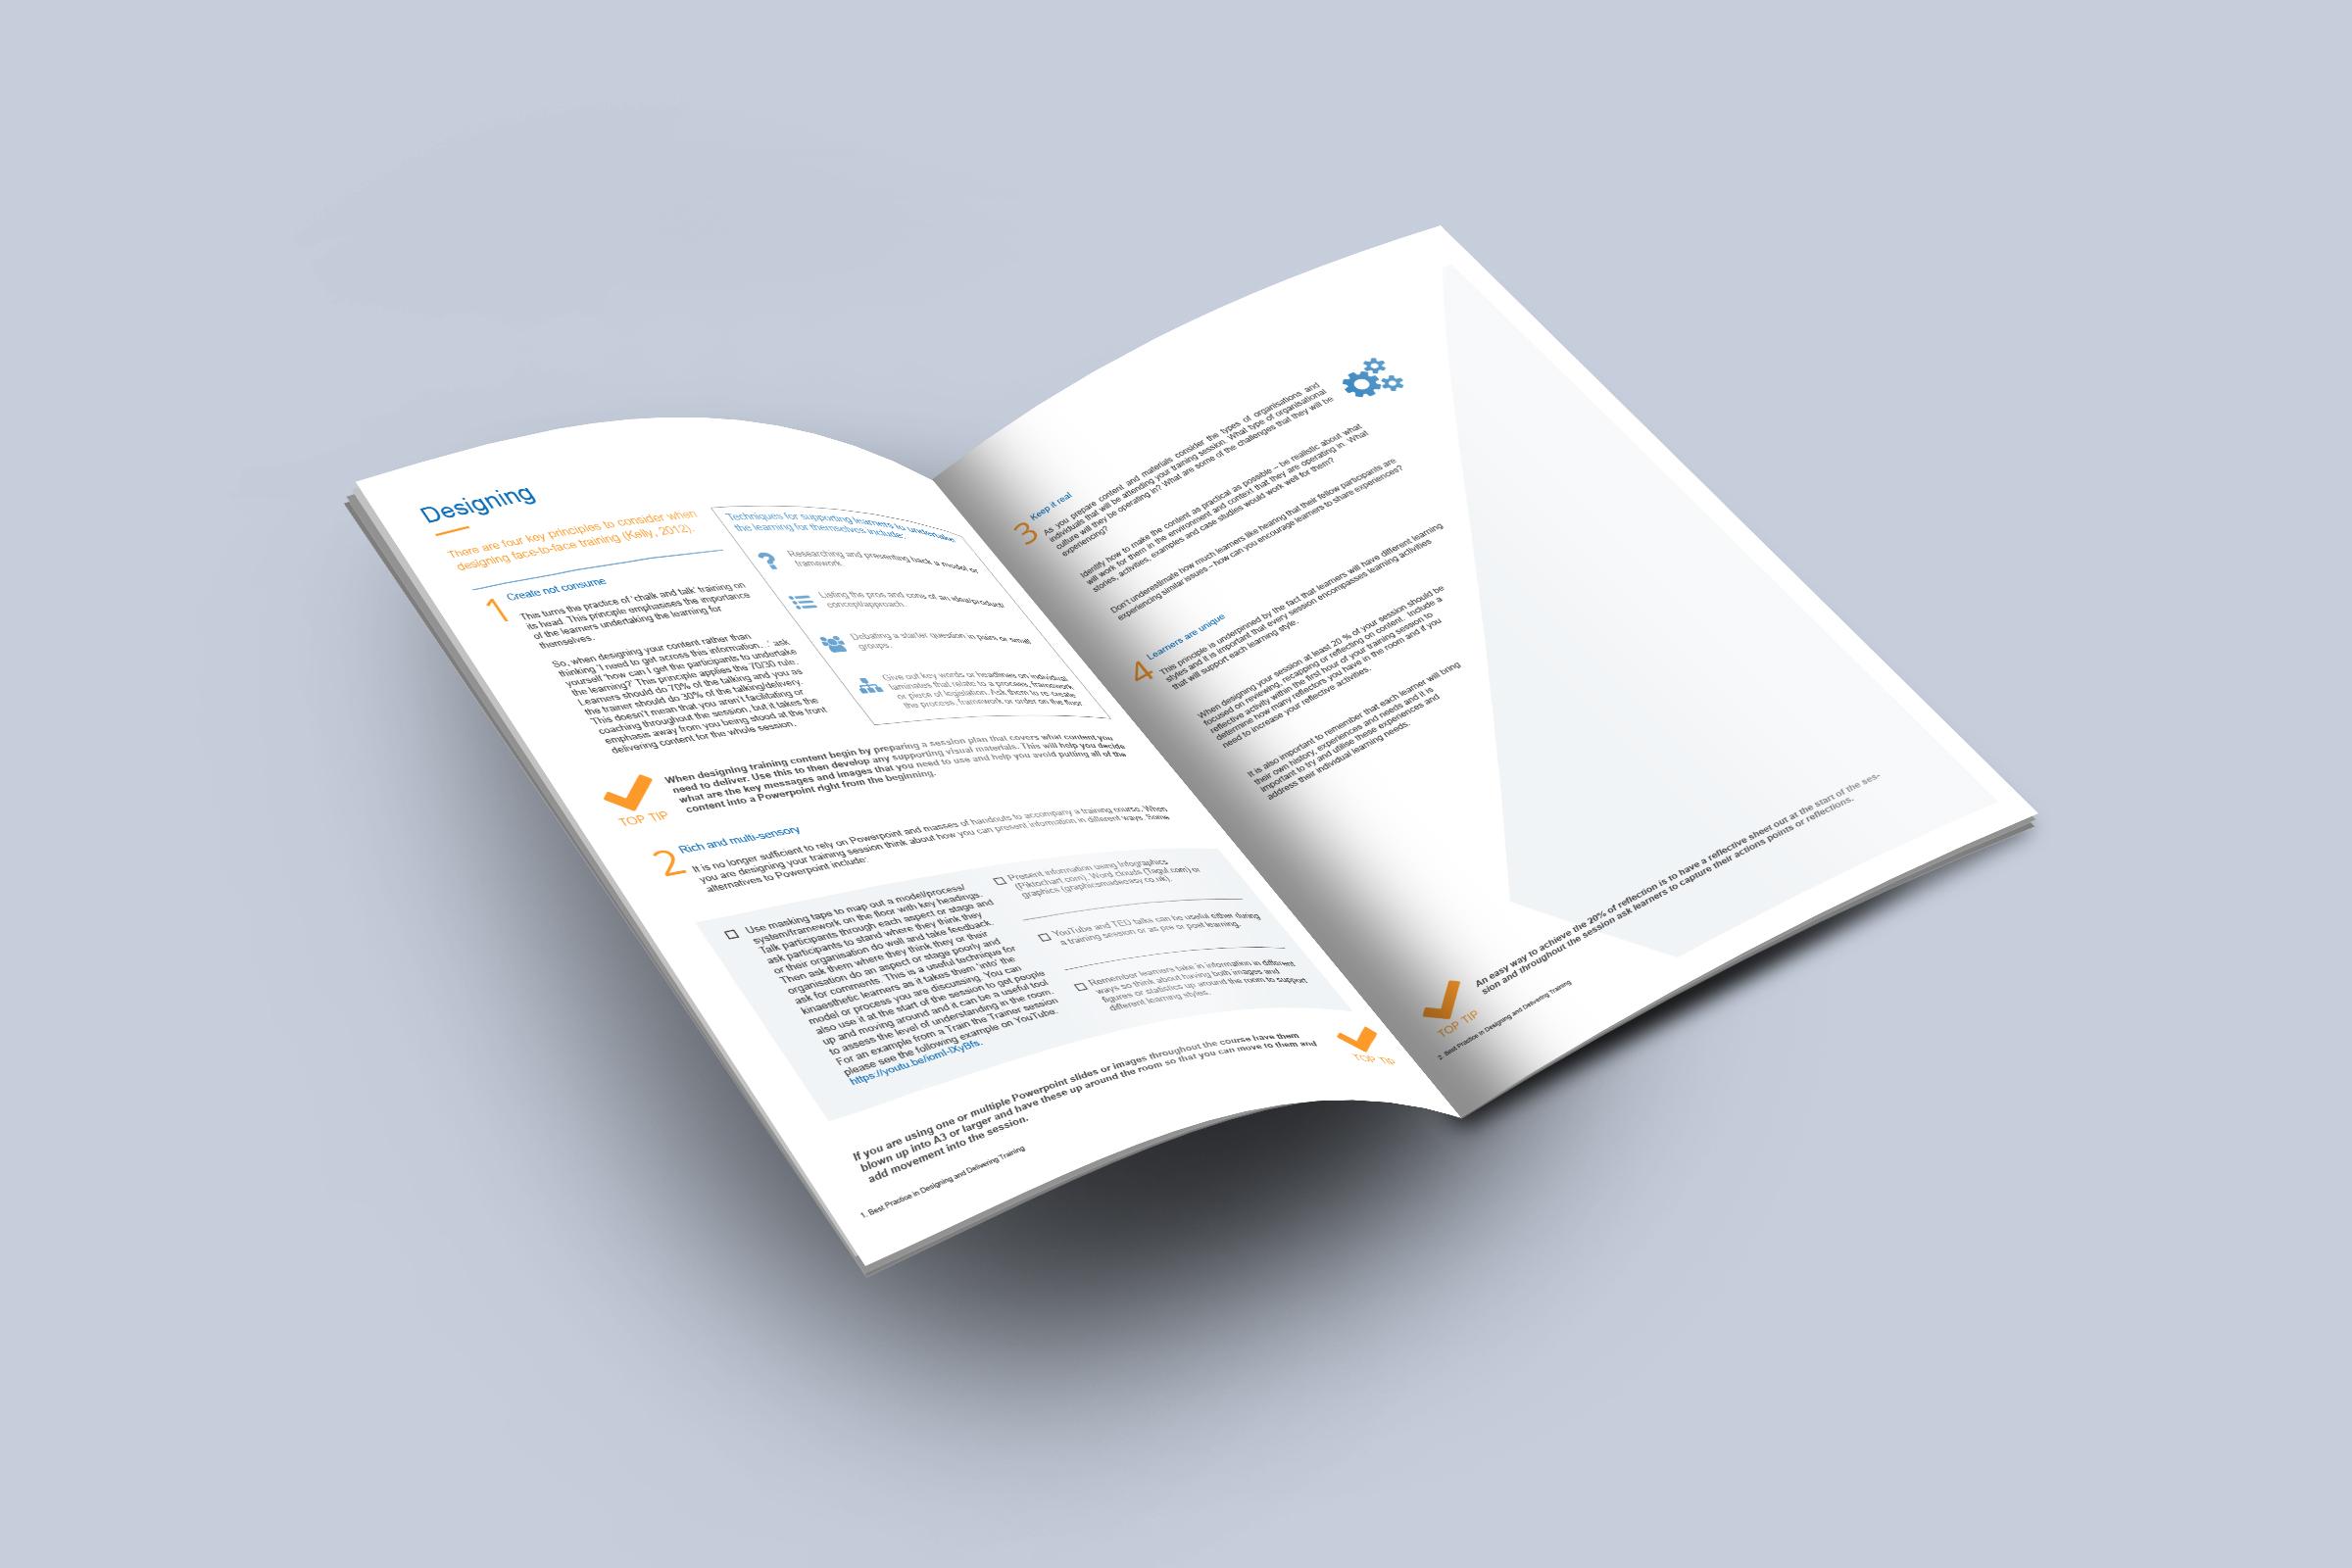 brochure design course - pwar creative brochure design corporate training